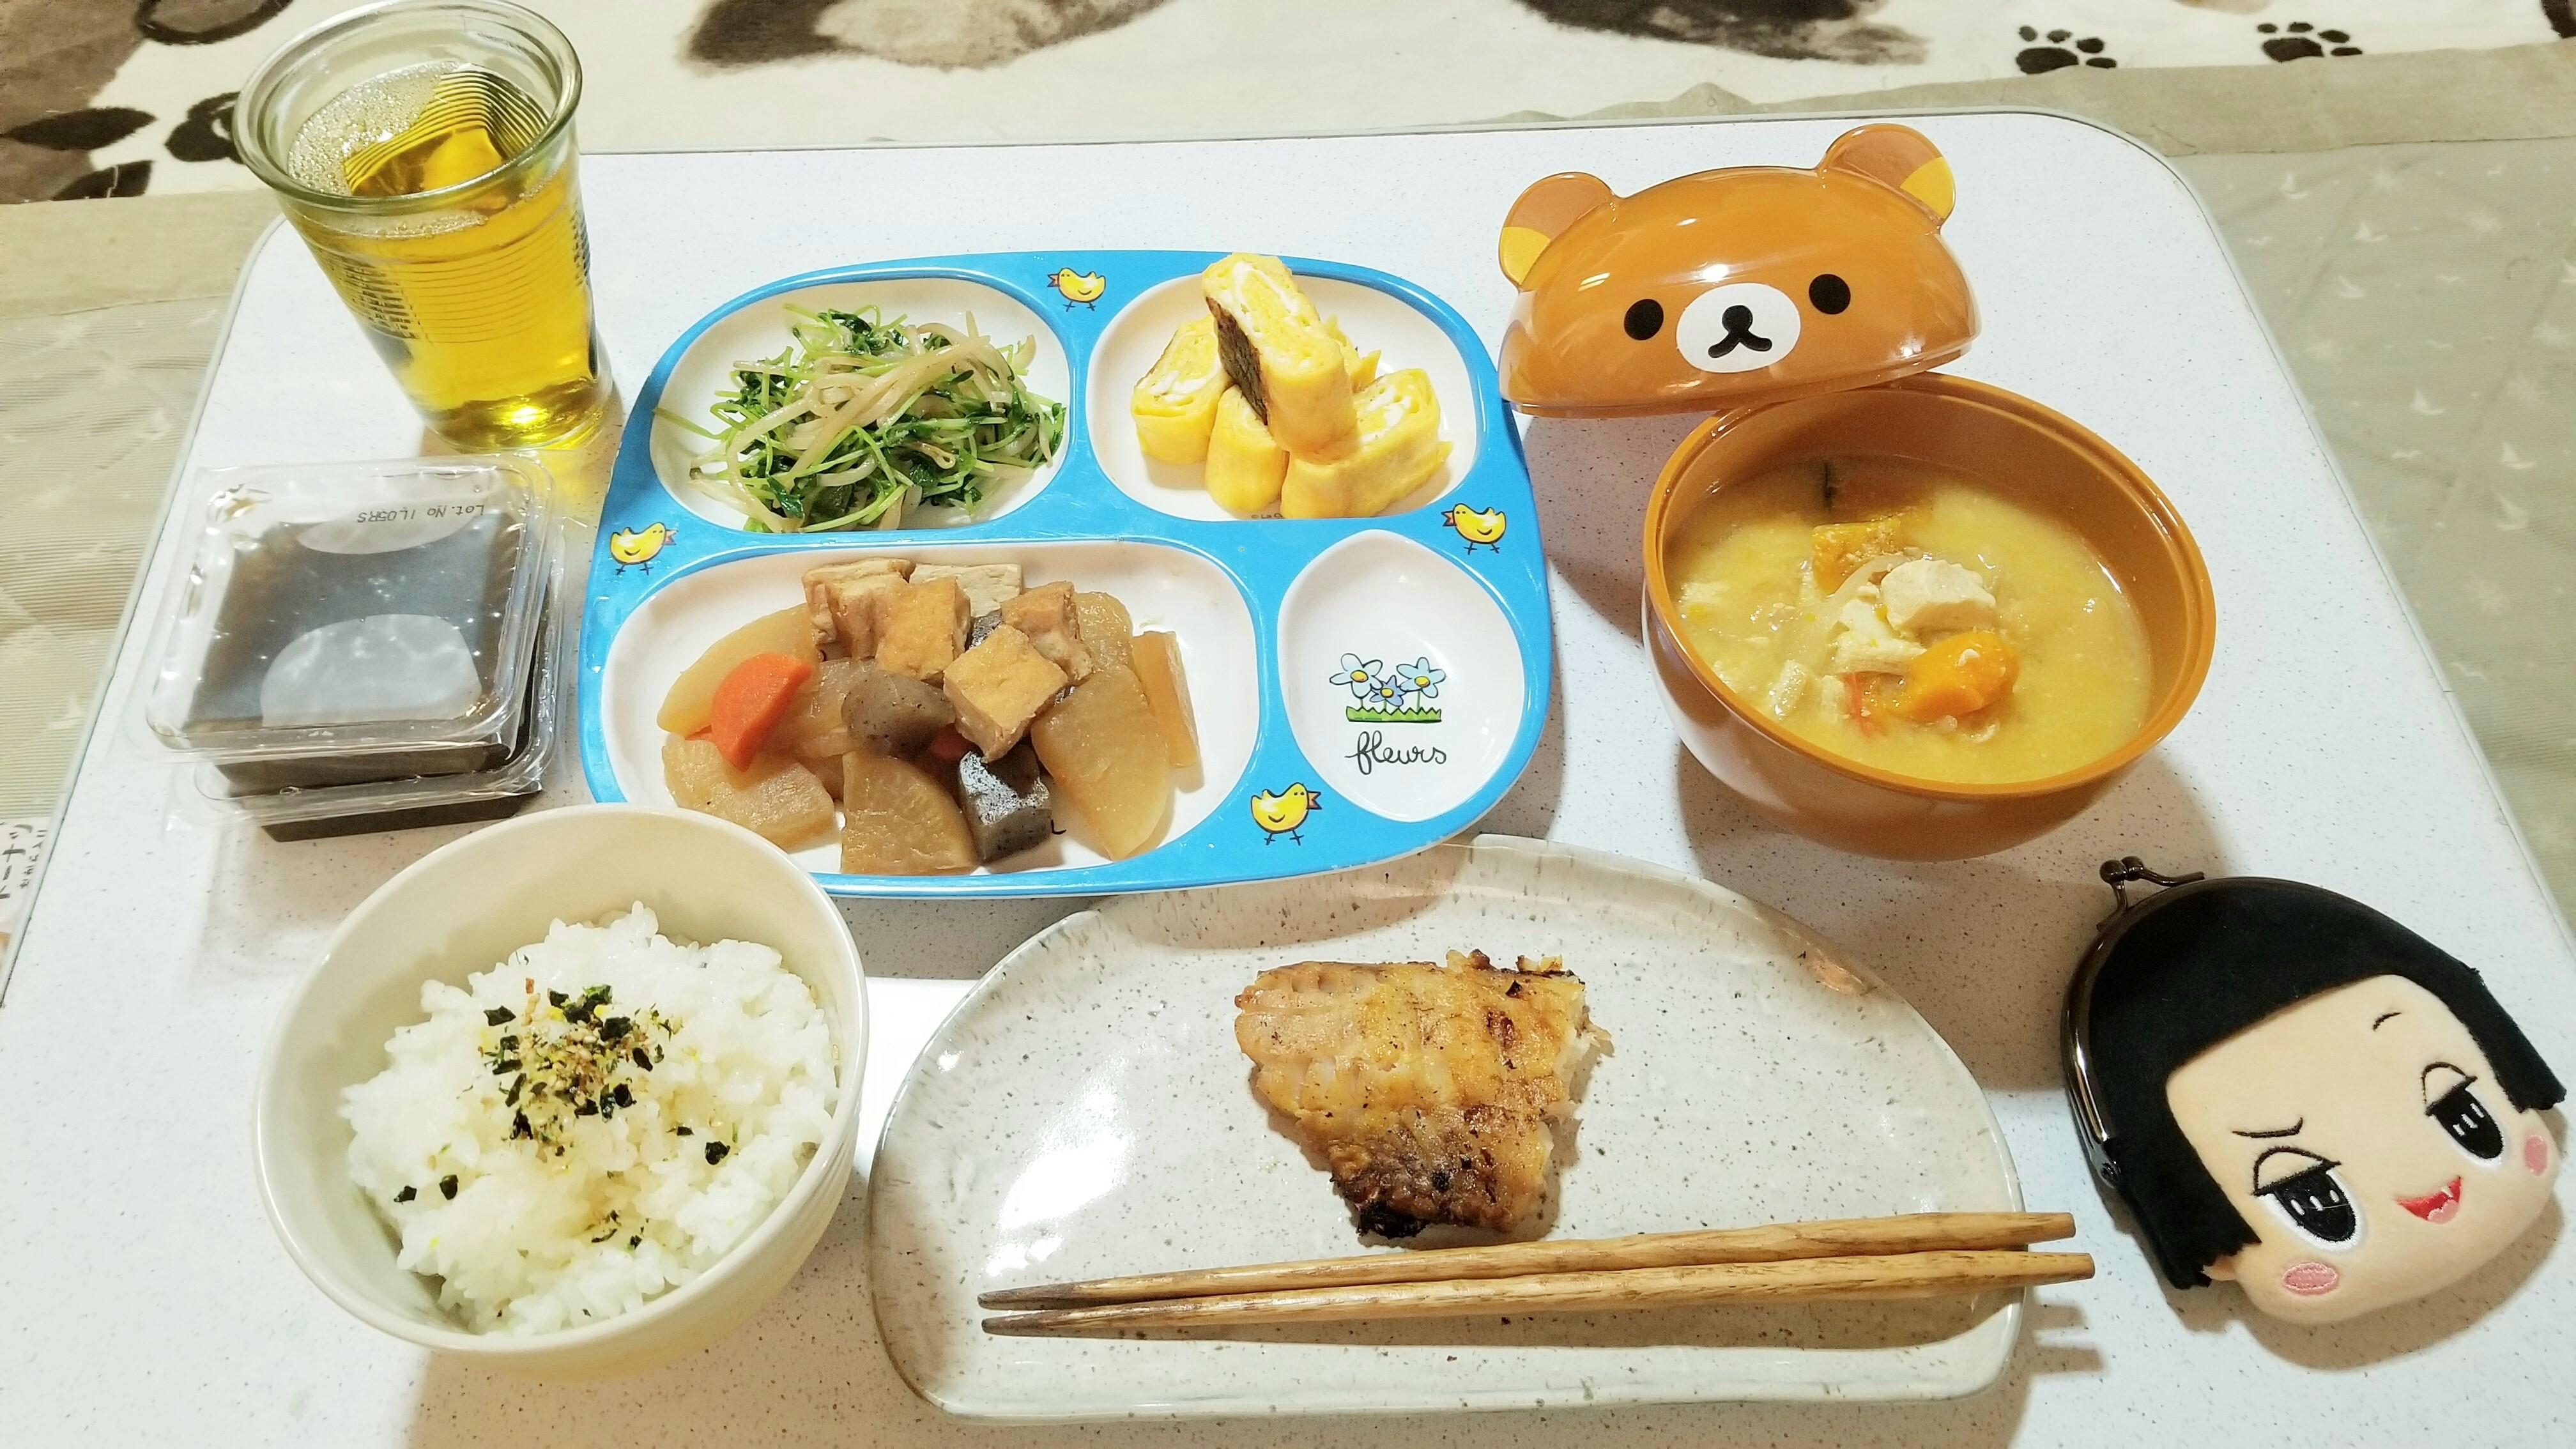 おばの手料理おいしい美味しそうな画像かわいい昼ご飯ランチ感謝